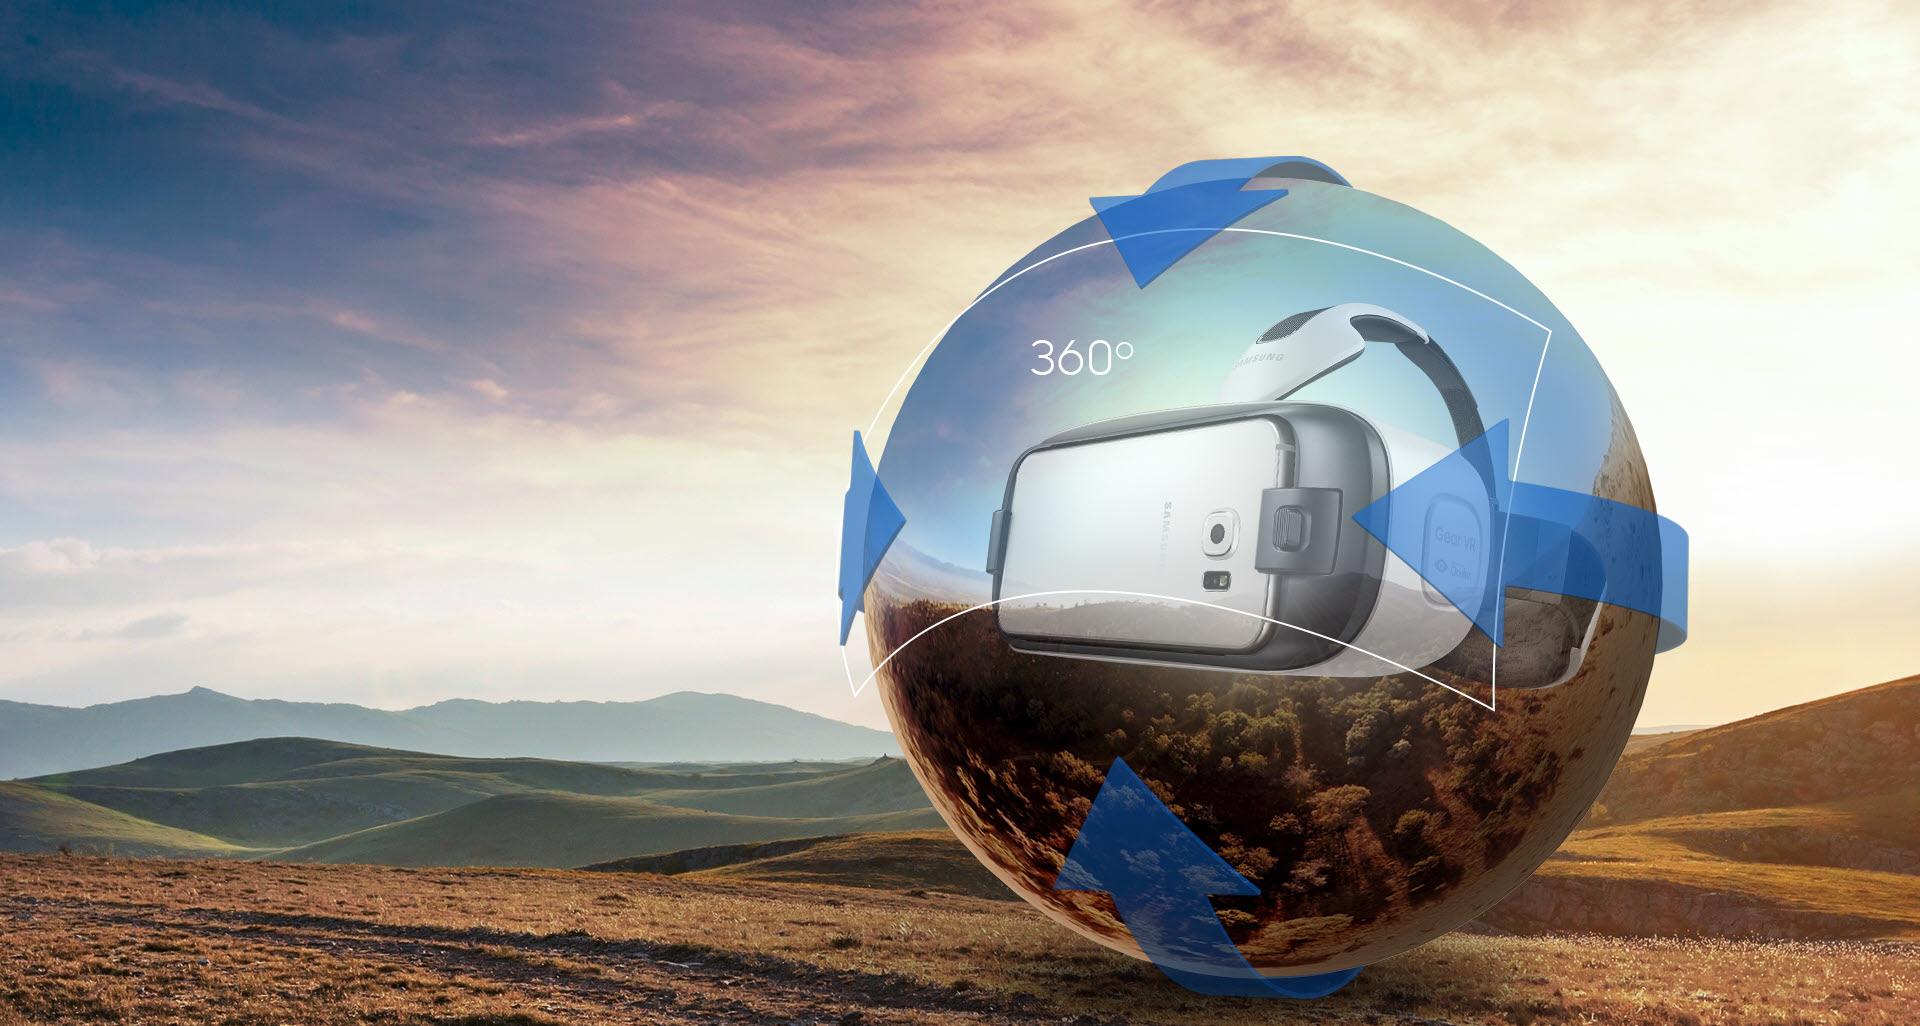 comprendre la différence réalité virtuelle agence vidéo 360 vr